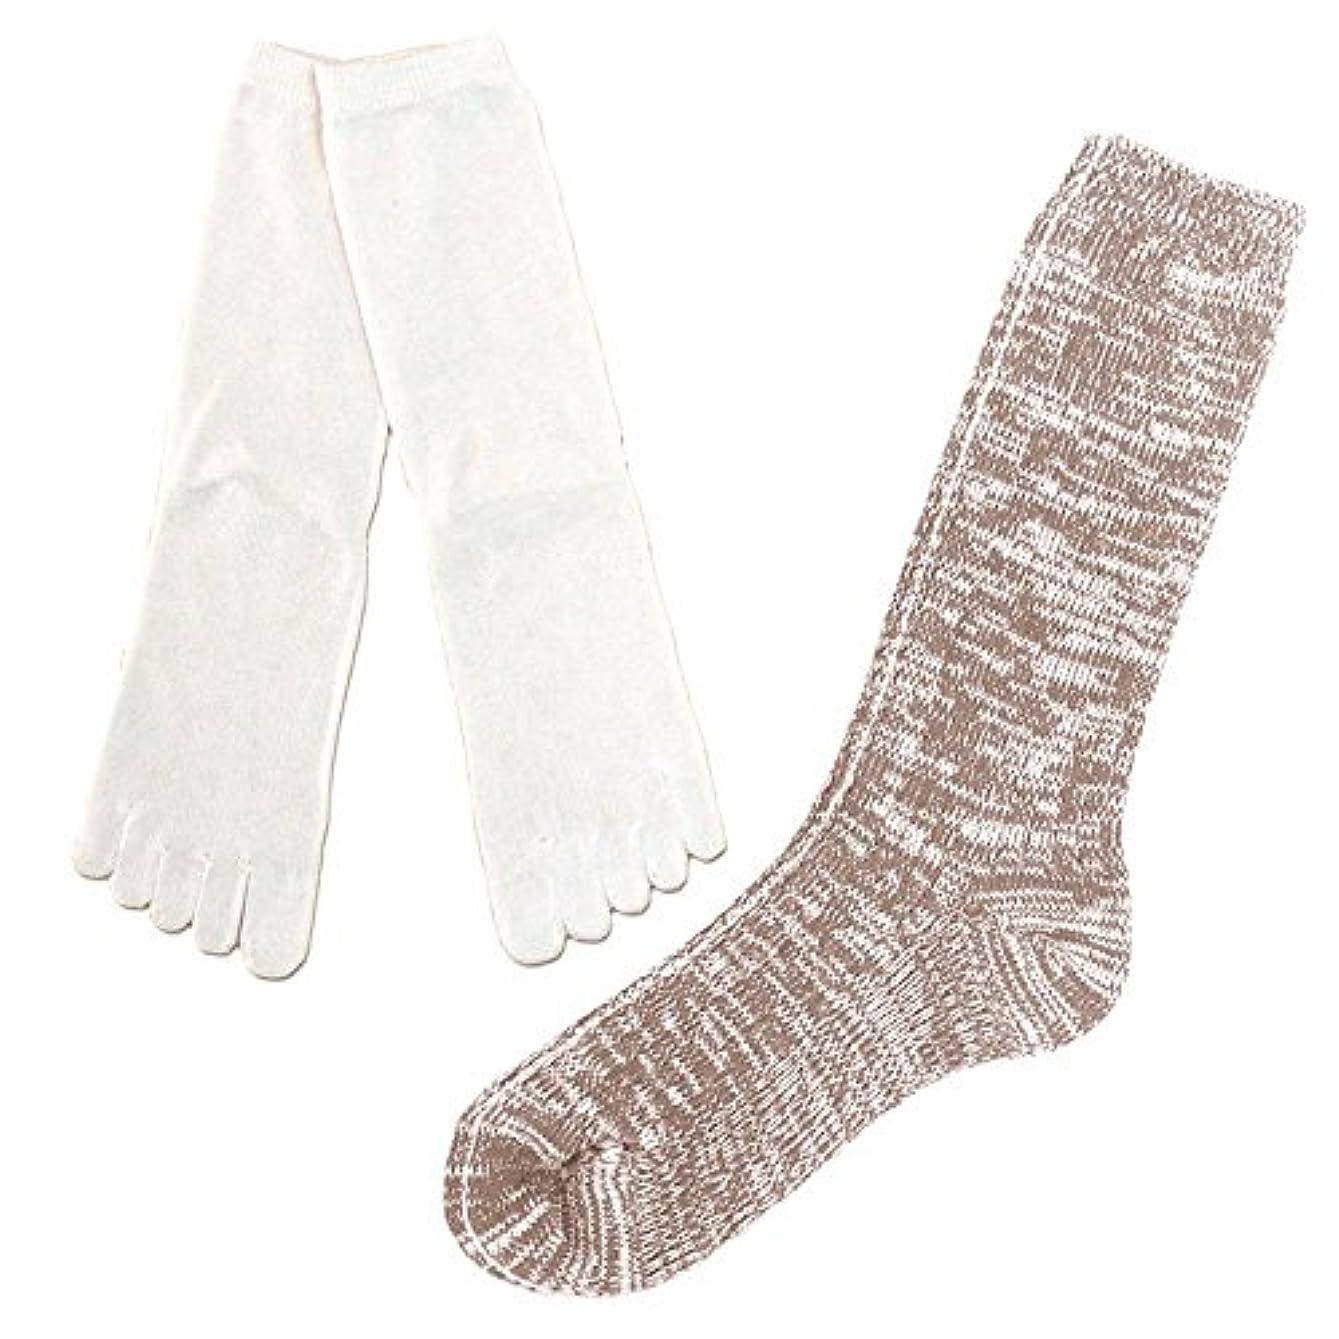 腐敗した酸離すシルク 5本指 & コットン リブ ソックス 冷えとり 2足セット 重ね履き 靴下 日本製 23-25cm (ベージュ杢)